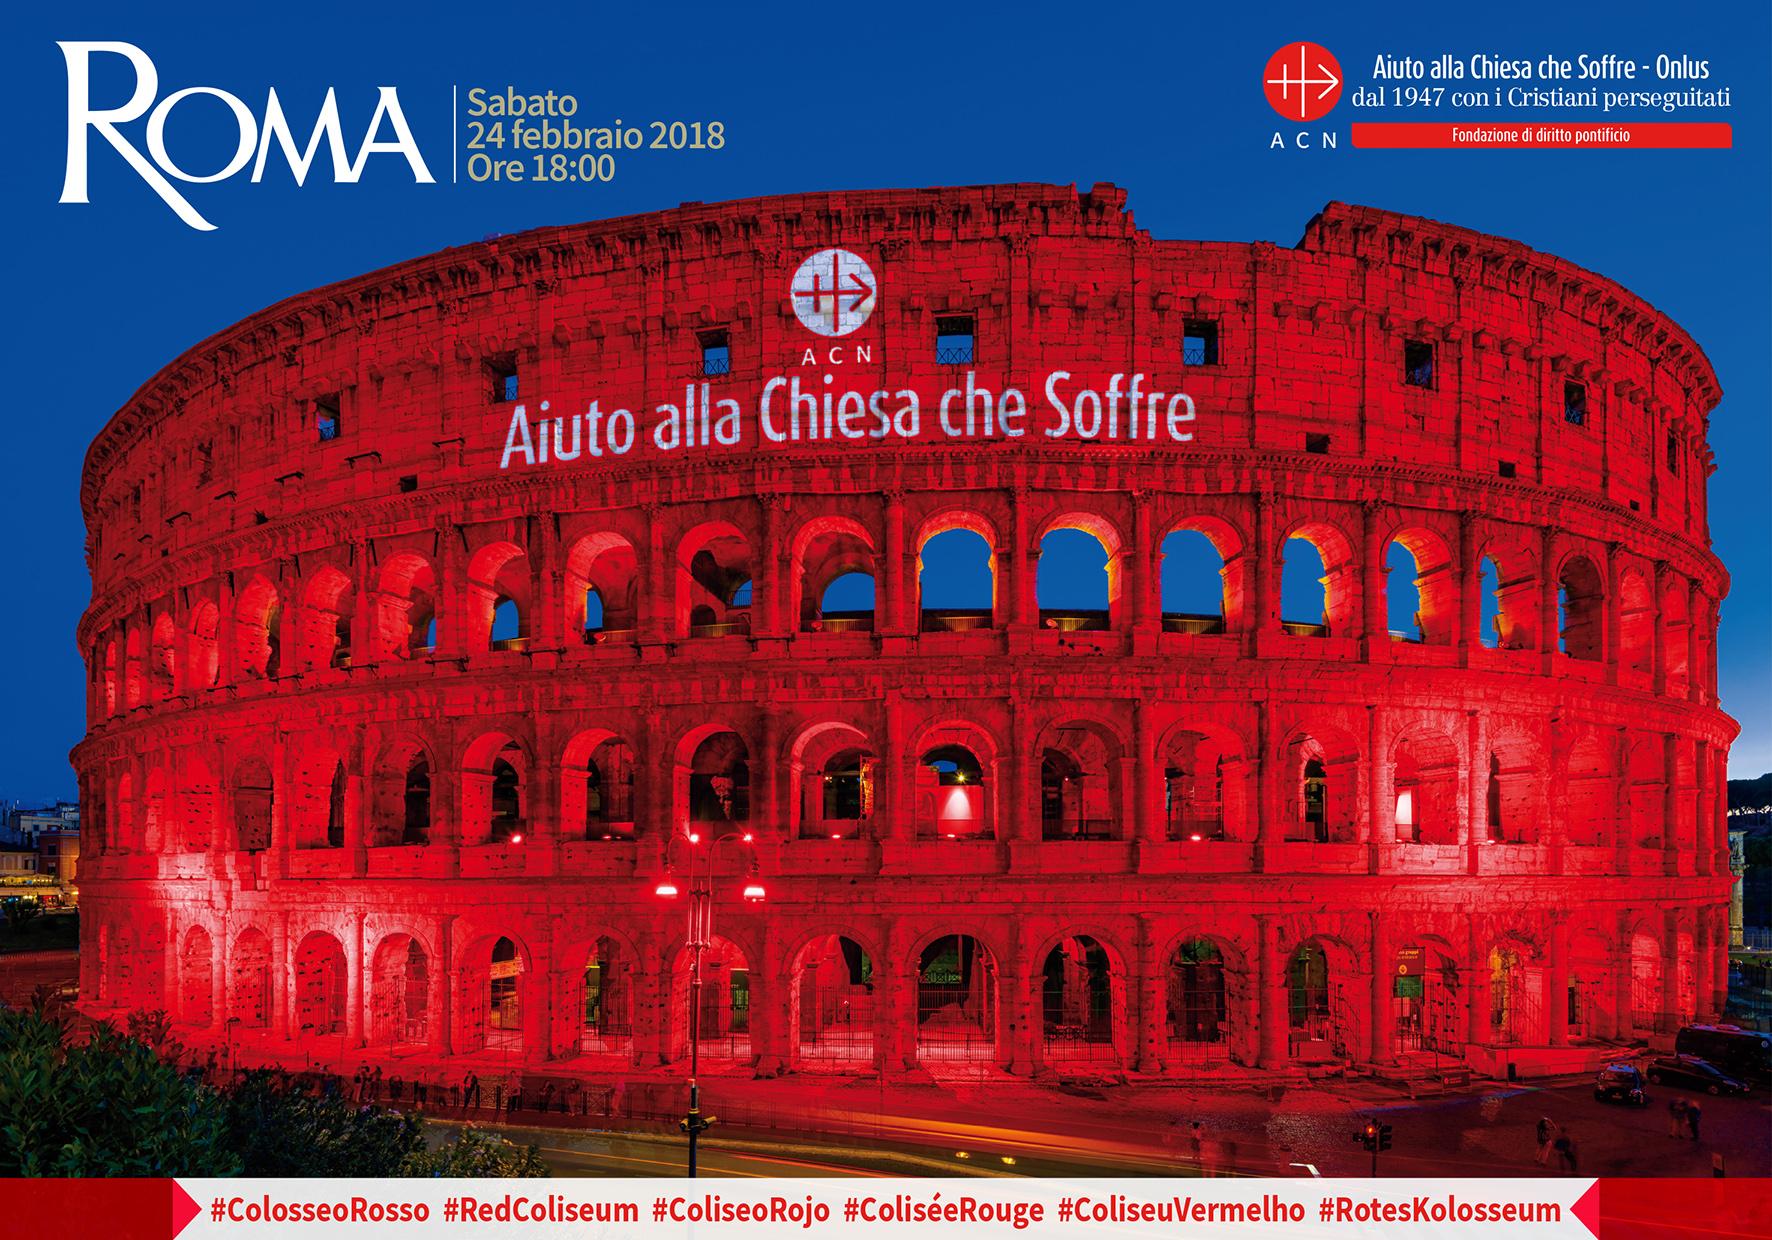 ACN enciende de rojo el Coliseo de Roma, Alepo y Mosul se unen a la acción